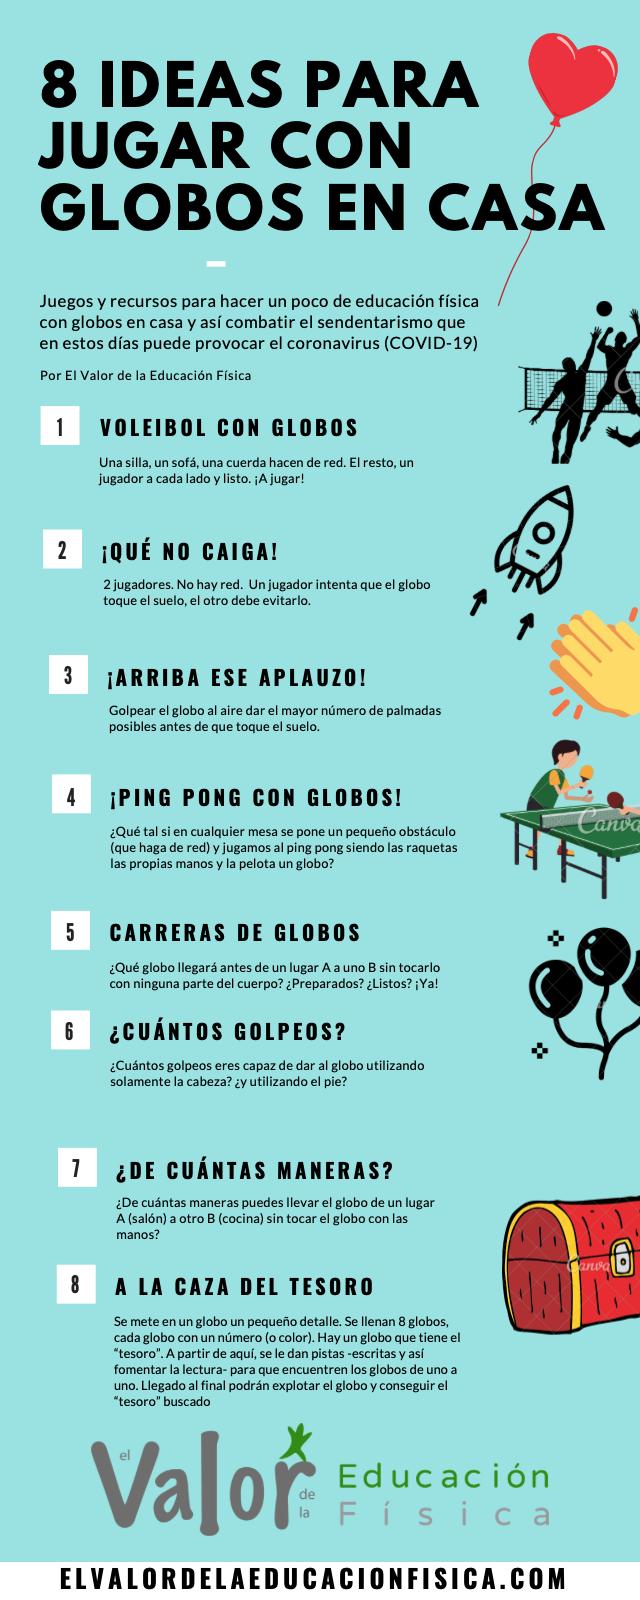 10 Ideas Para Trabajar La Ef Con Globos Desde Casa El Valor De La Educación Física